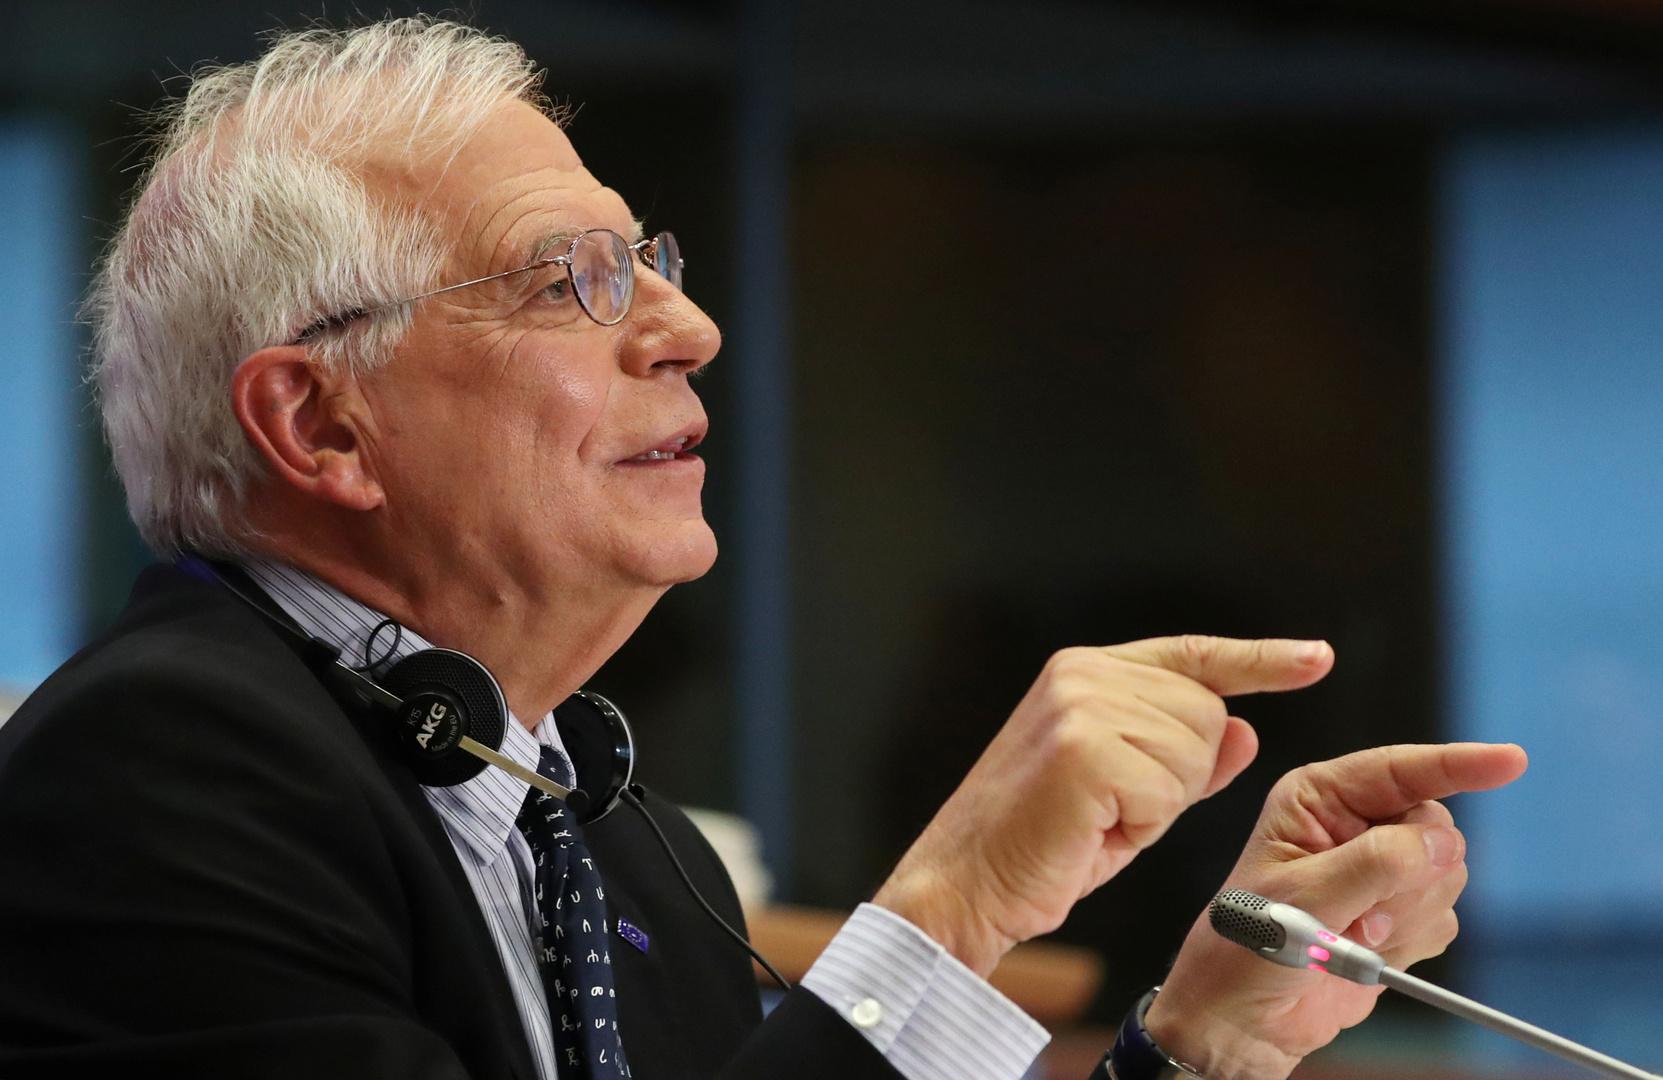 الاتحاد الأوروبي يحذر من خطر الانزلاق إلى مواجهة دولية مفتوحة في إدلب!